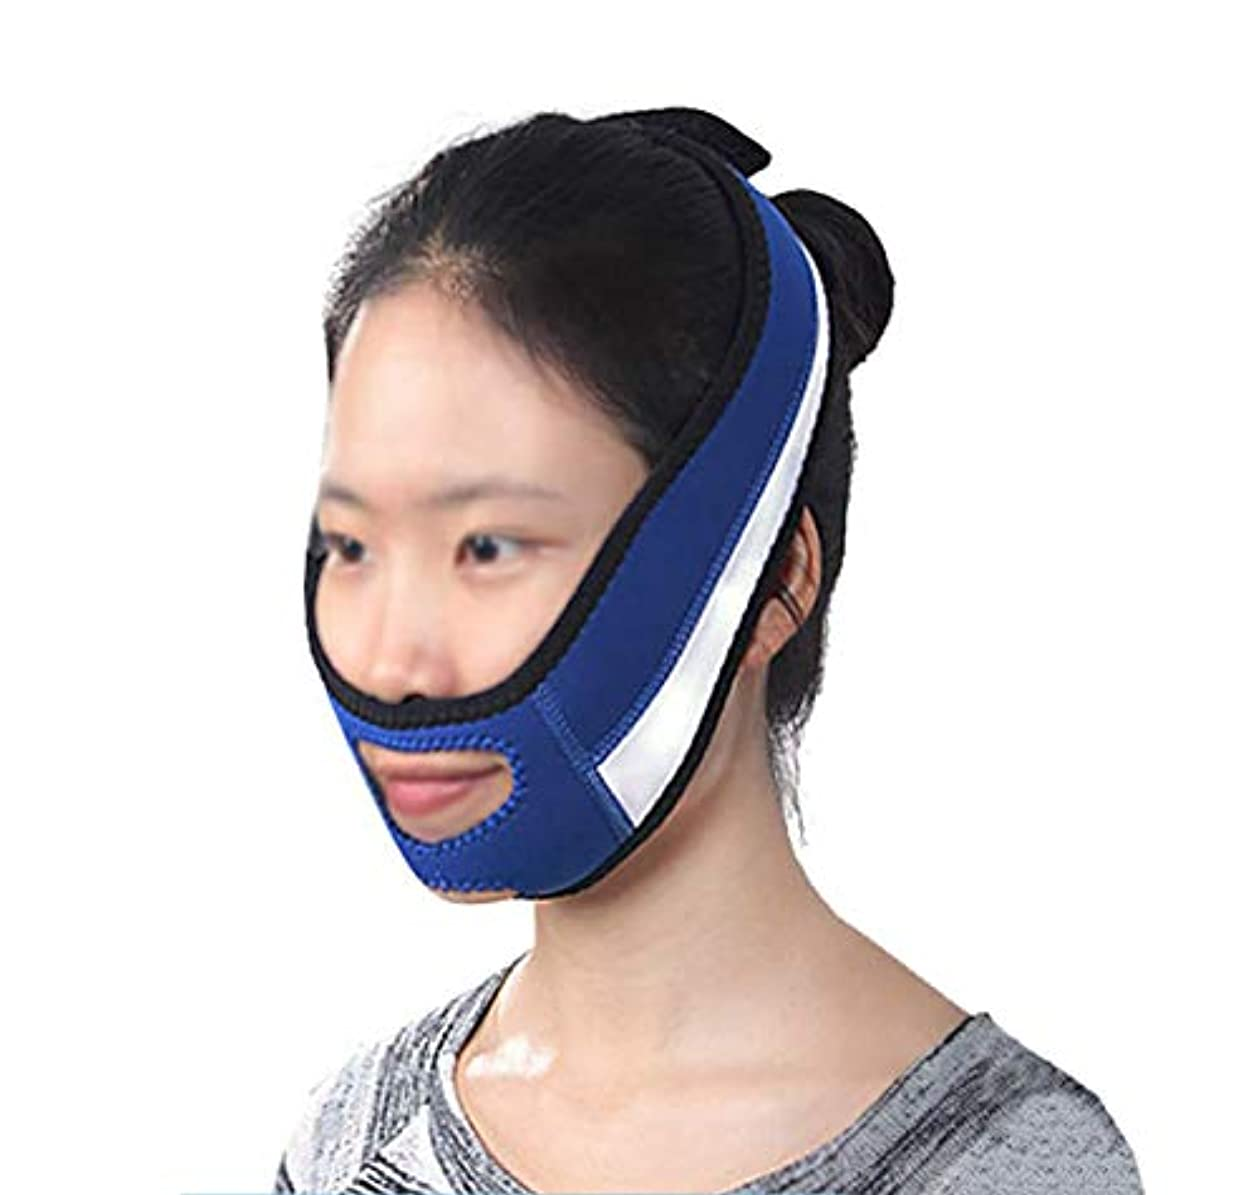 同封する空中乳製品薄い顔包帯フェイススリム二重あごを取り除きますVラインフェイスシェイプを作成チンチークリフトアップアンチリンクルリフティングベルトフェイスマッサージツール女性と女の子